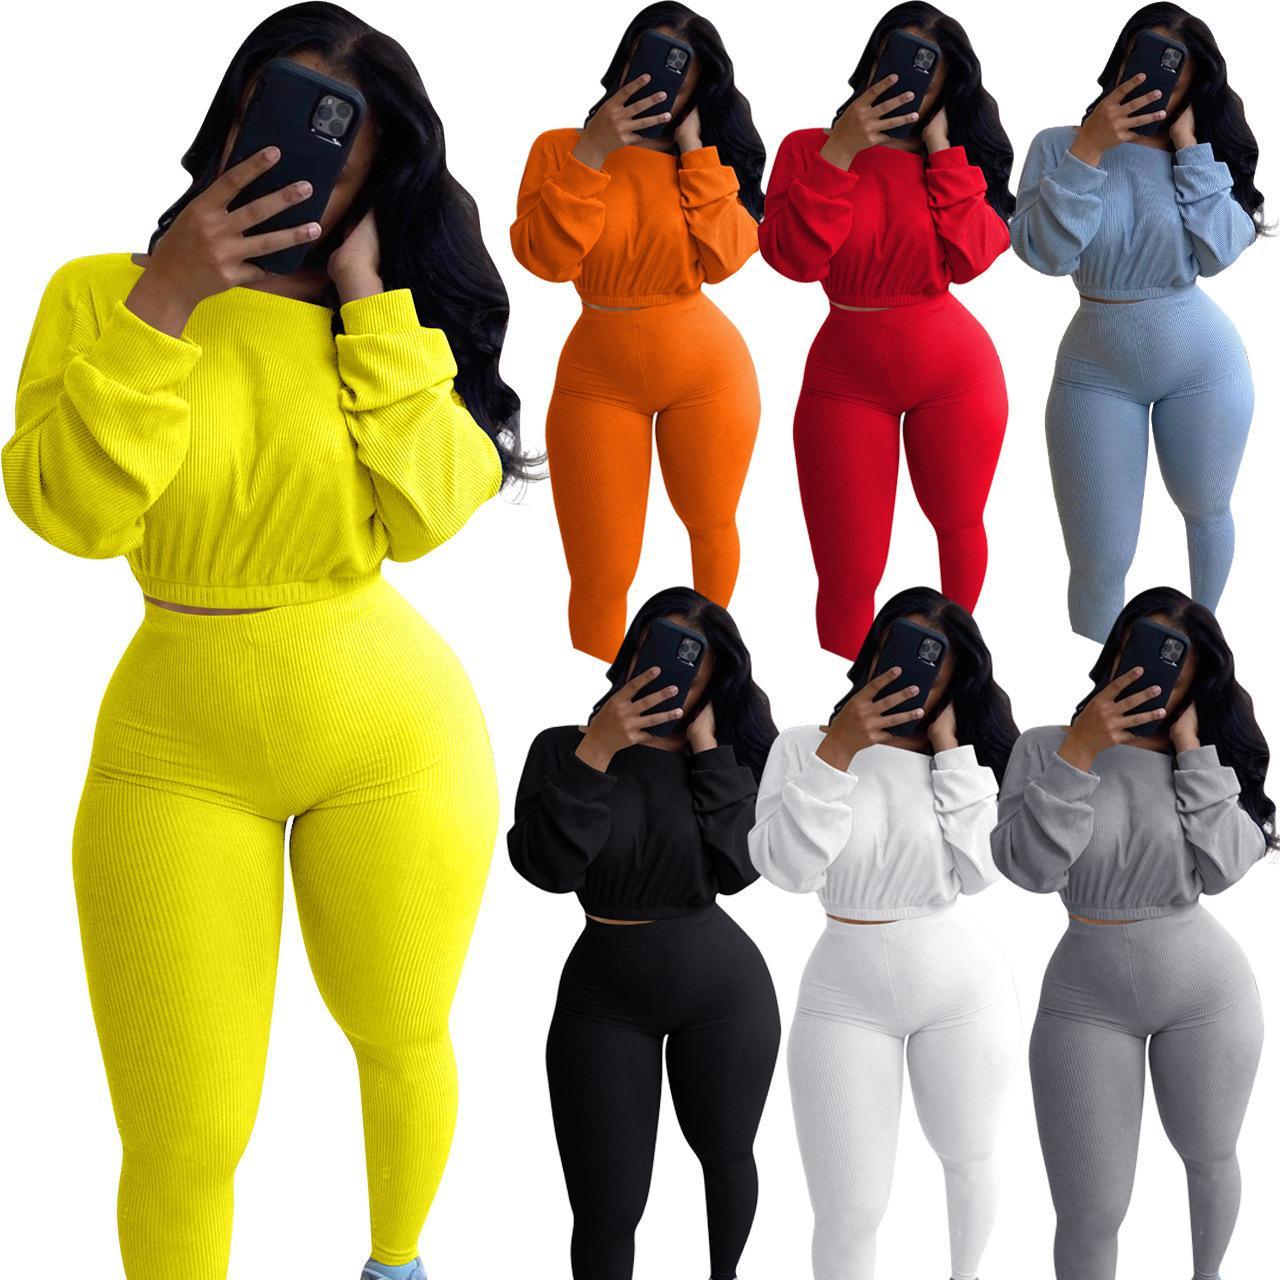 Mujeres 2 chándales pieza sólida de color Traje Manga Larga Rib Deportes suéter ropa deportiva Trajes de otoño más el tamaño de deportes Ropa 2020